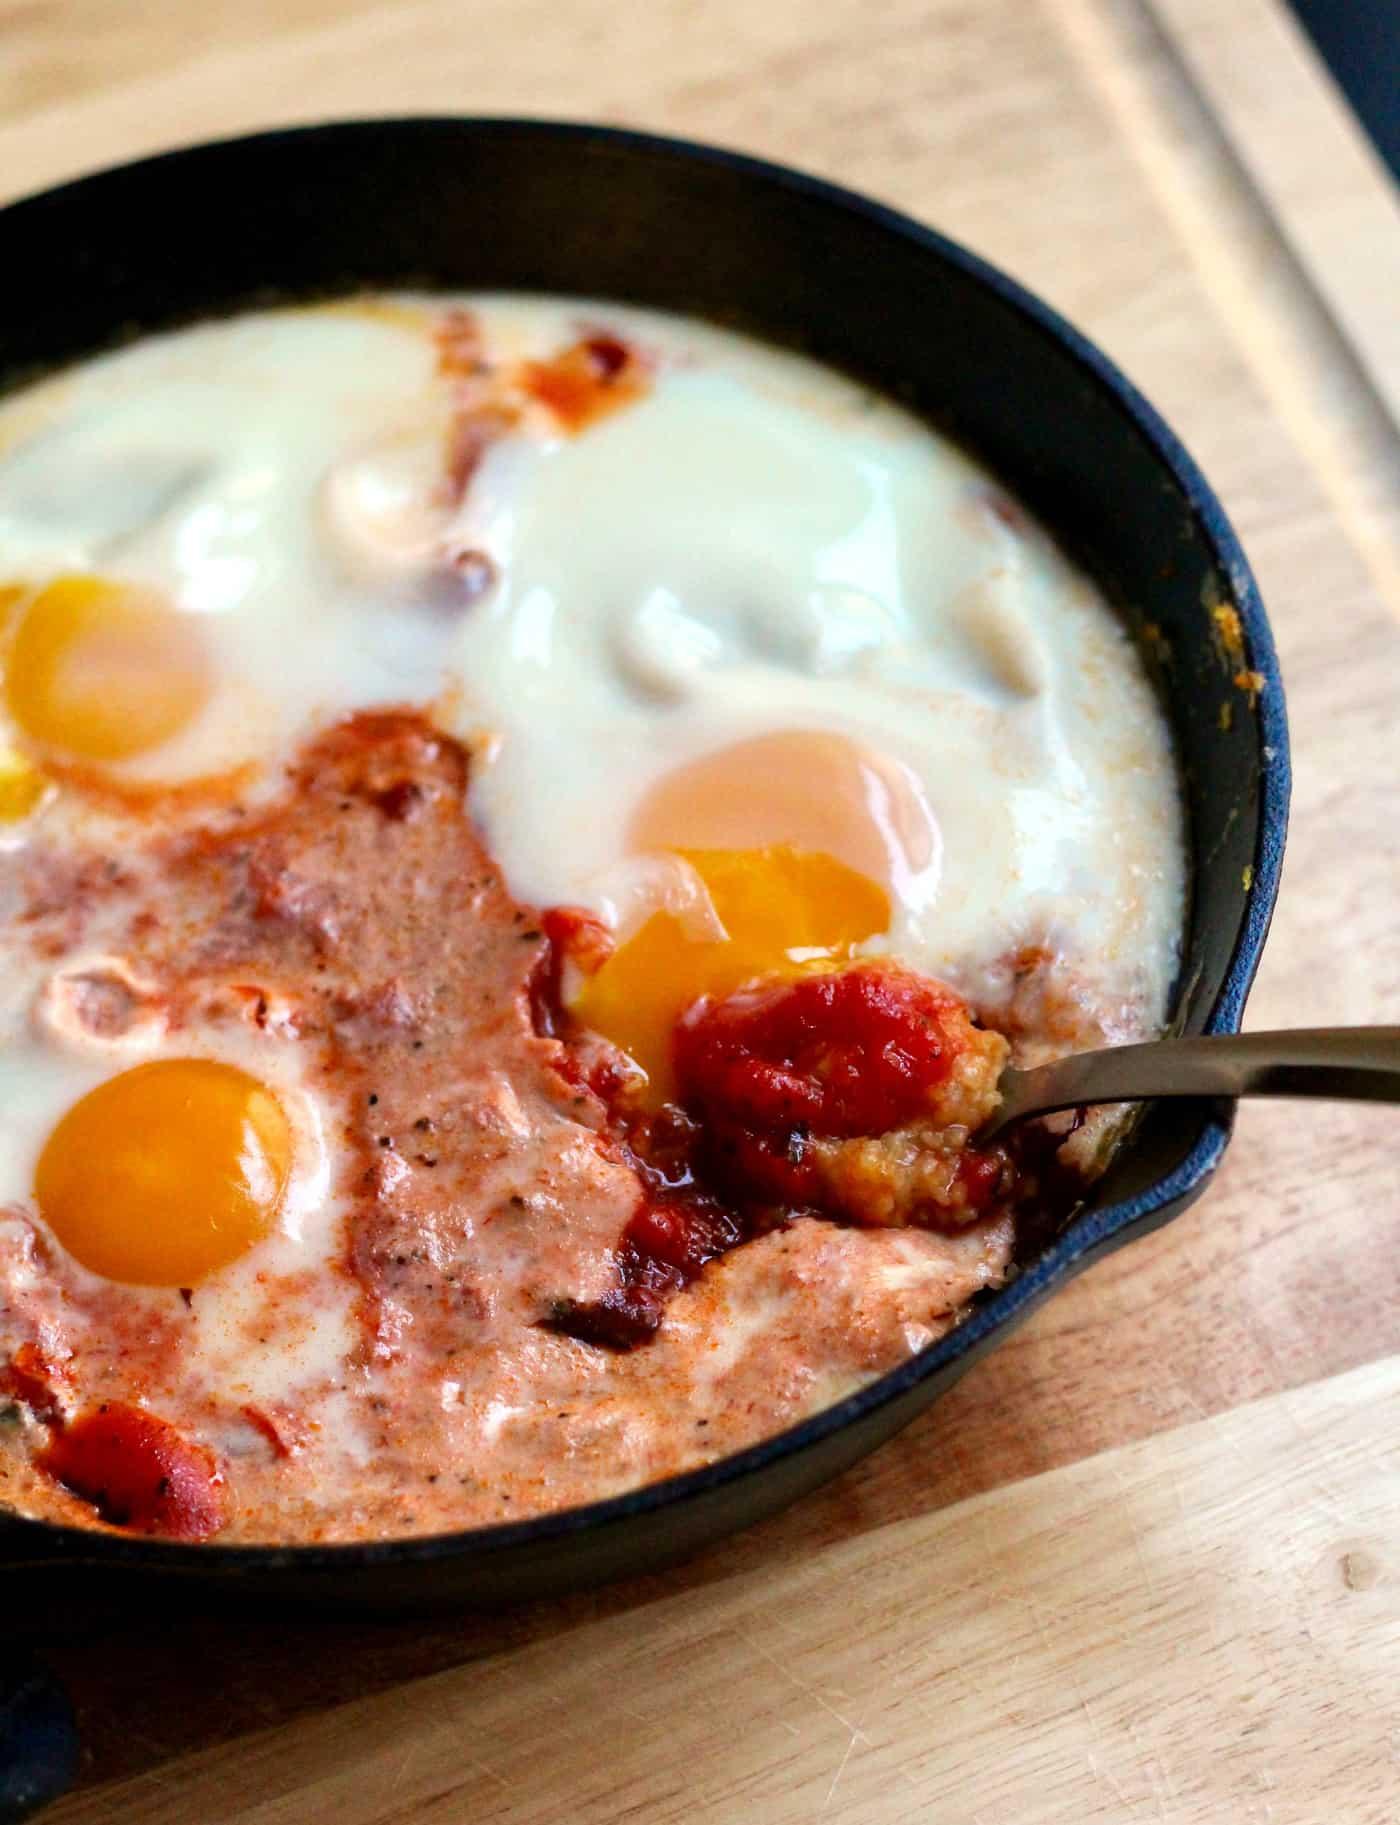 Skillet-Baked Polenta and Eggs